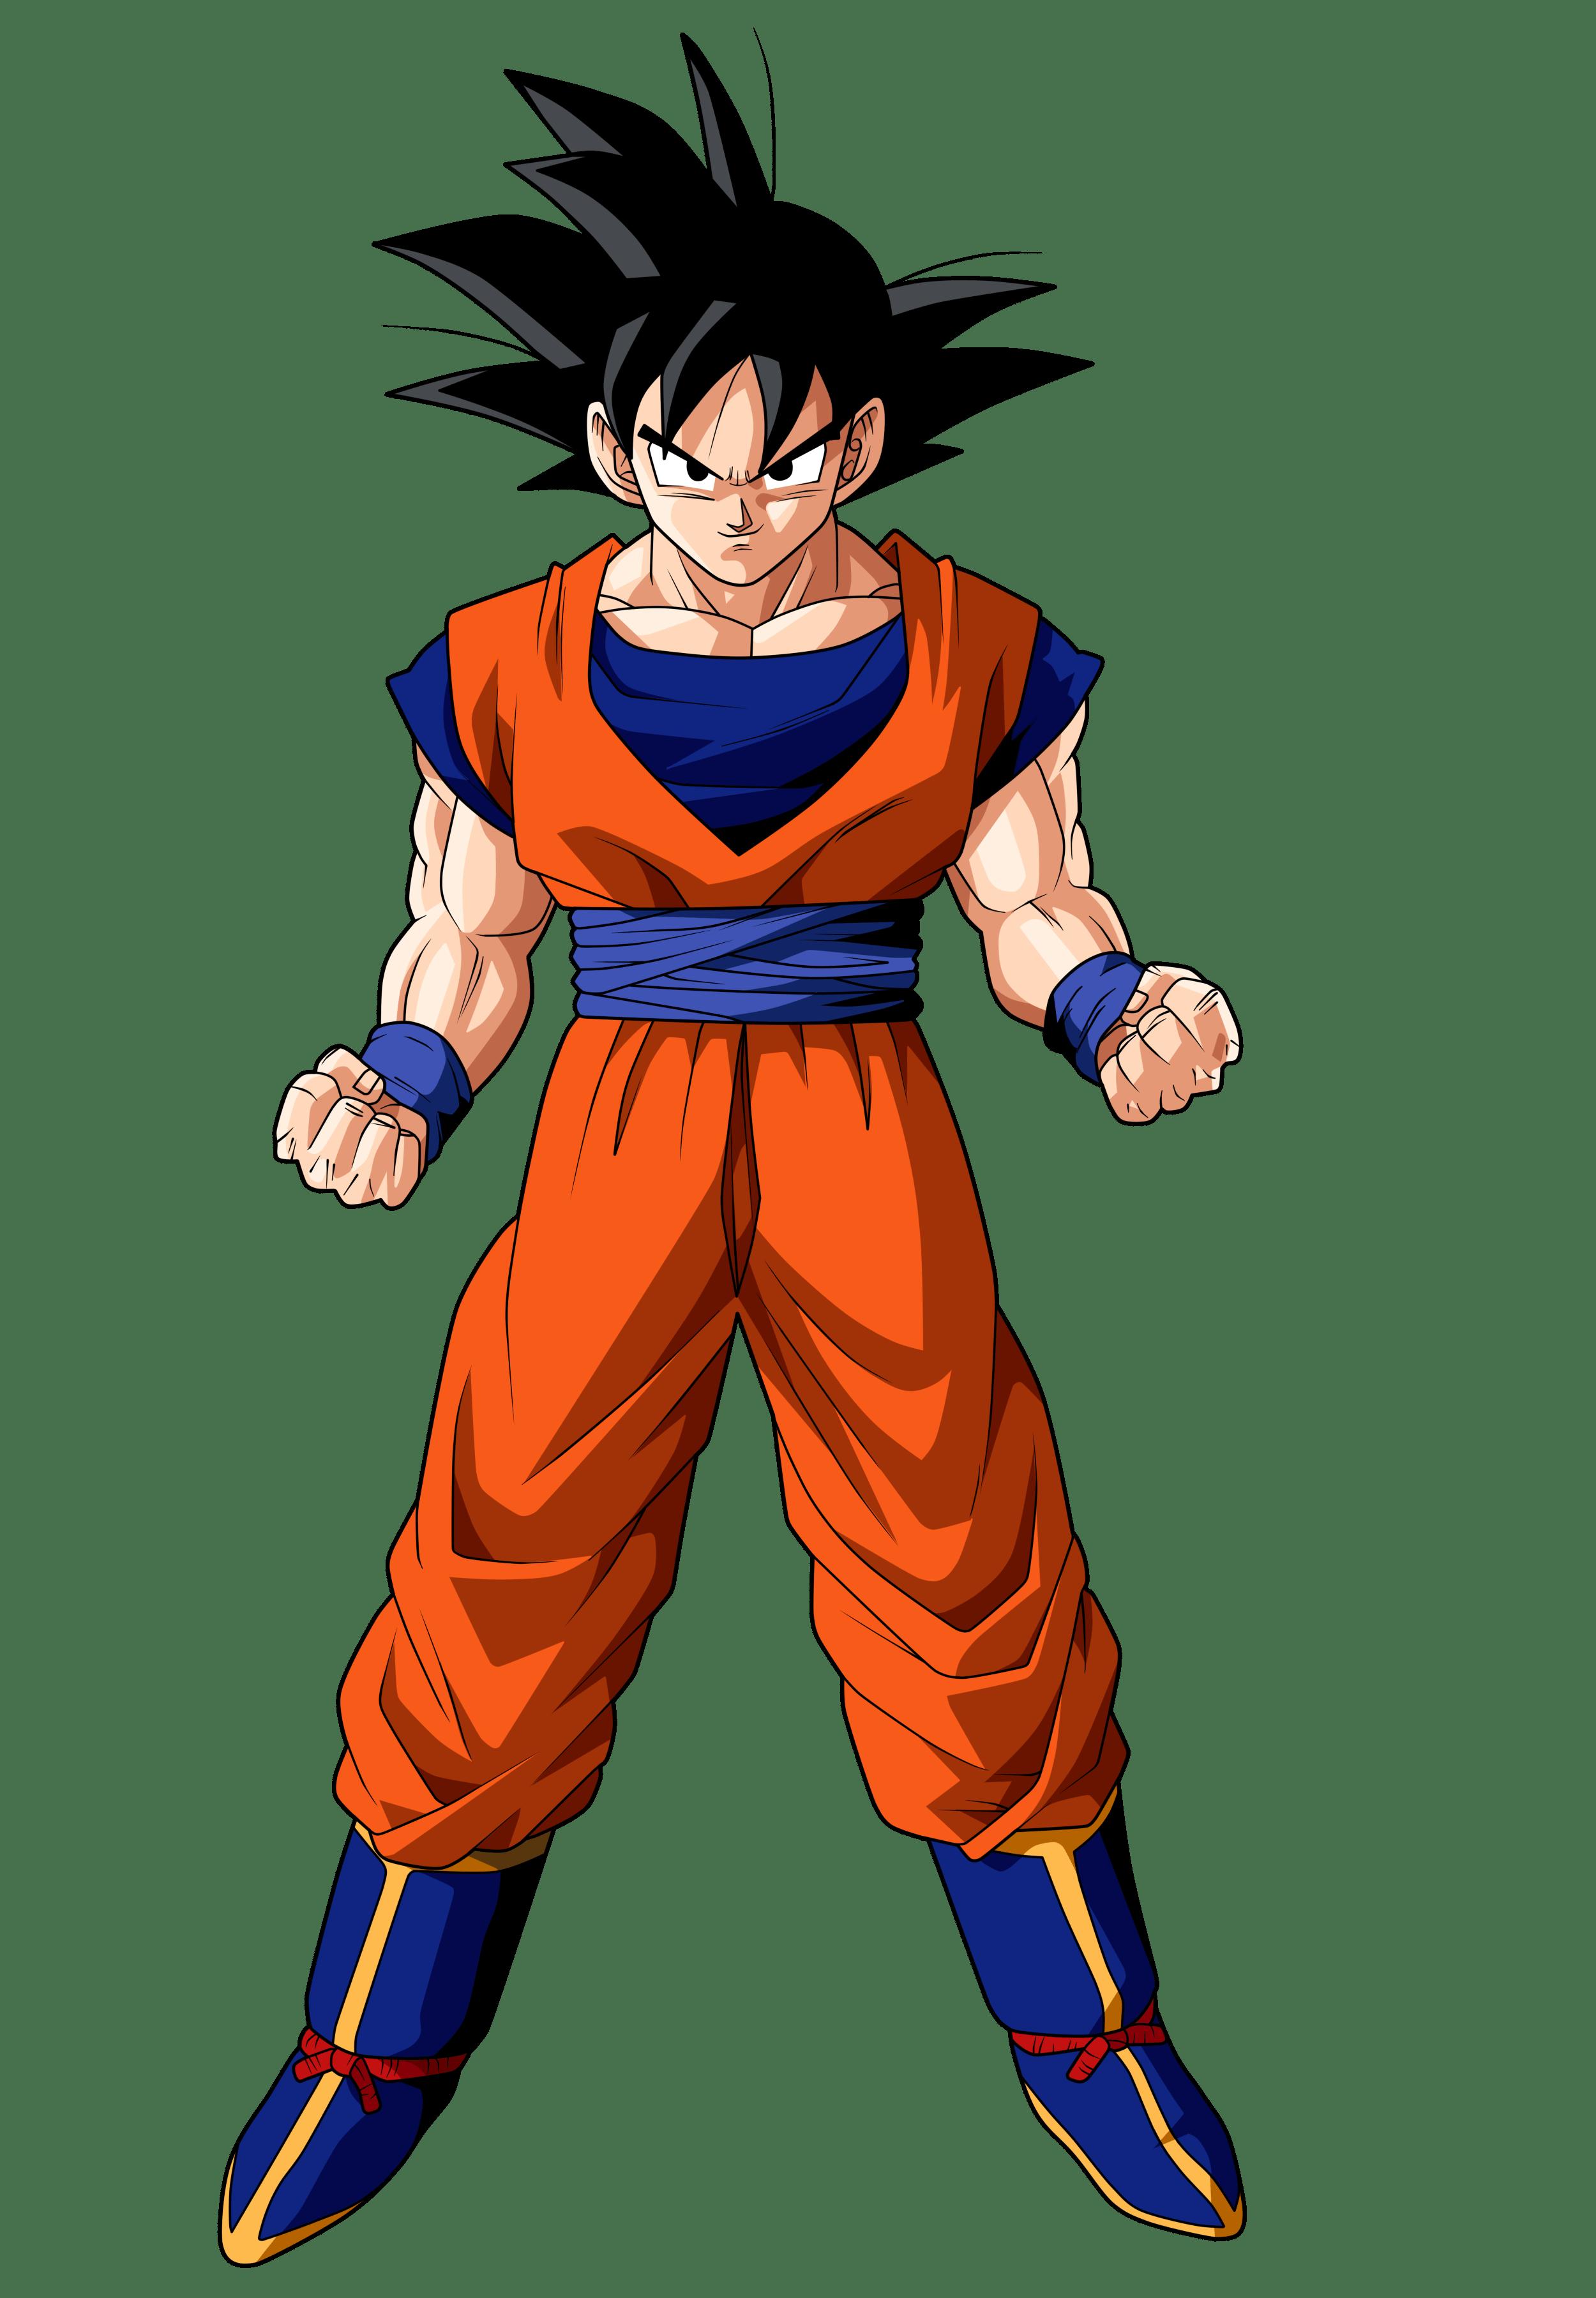 Goku Angry Decoracao De Festa Dragon Ball Z Desenhos De Amizade Pintura De Caveira